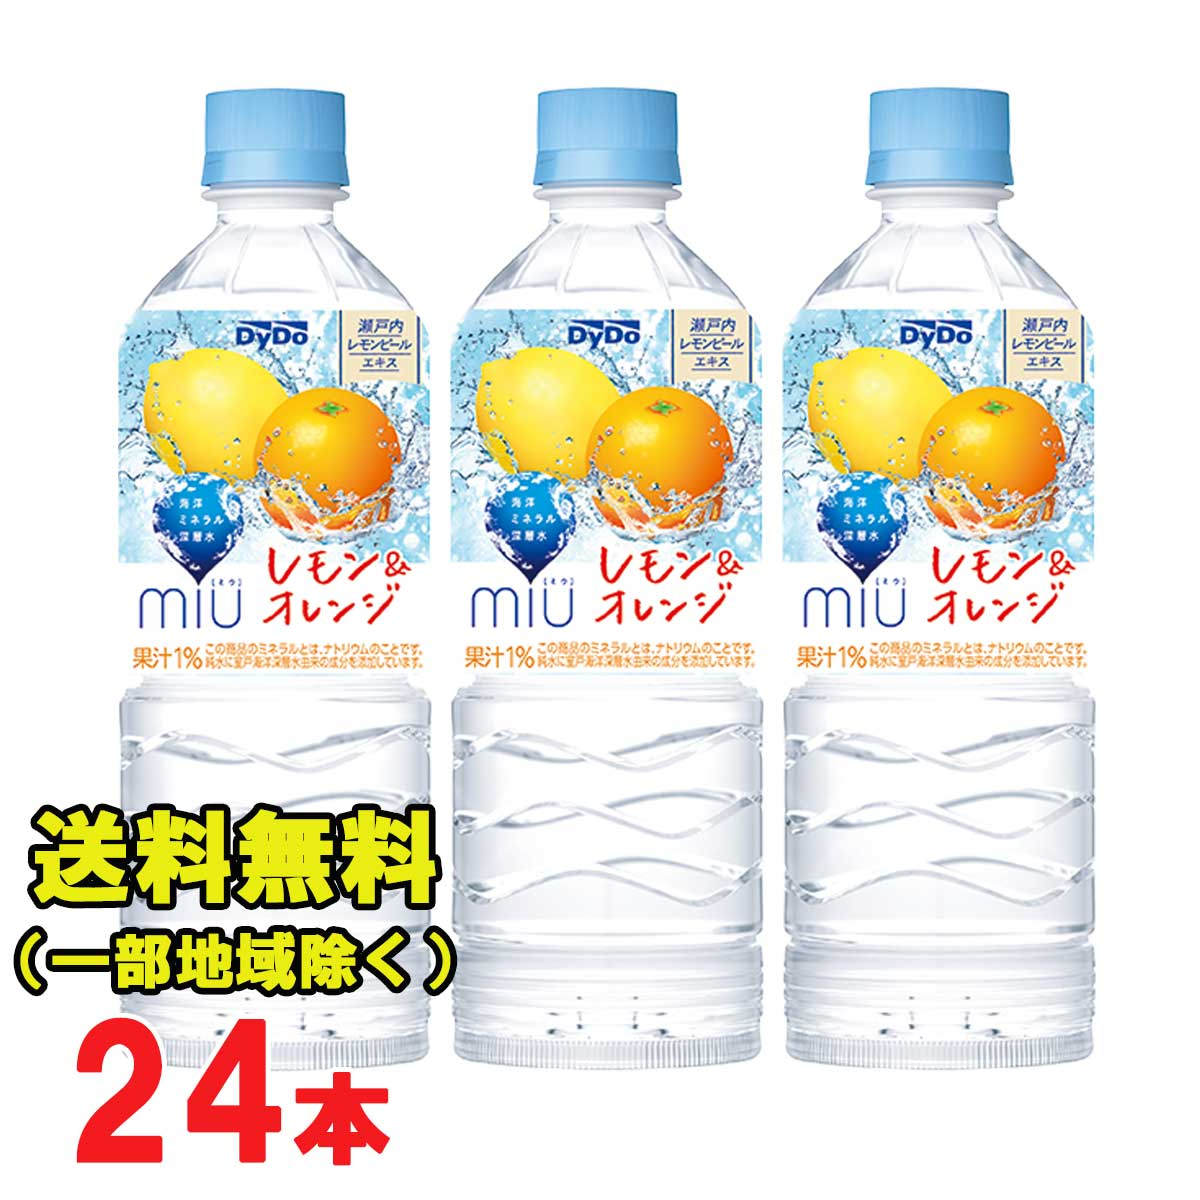 ダイドー ミウ miu レモン&オレンジ 550ml ペットボトル 24本入